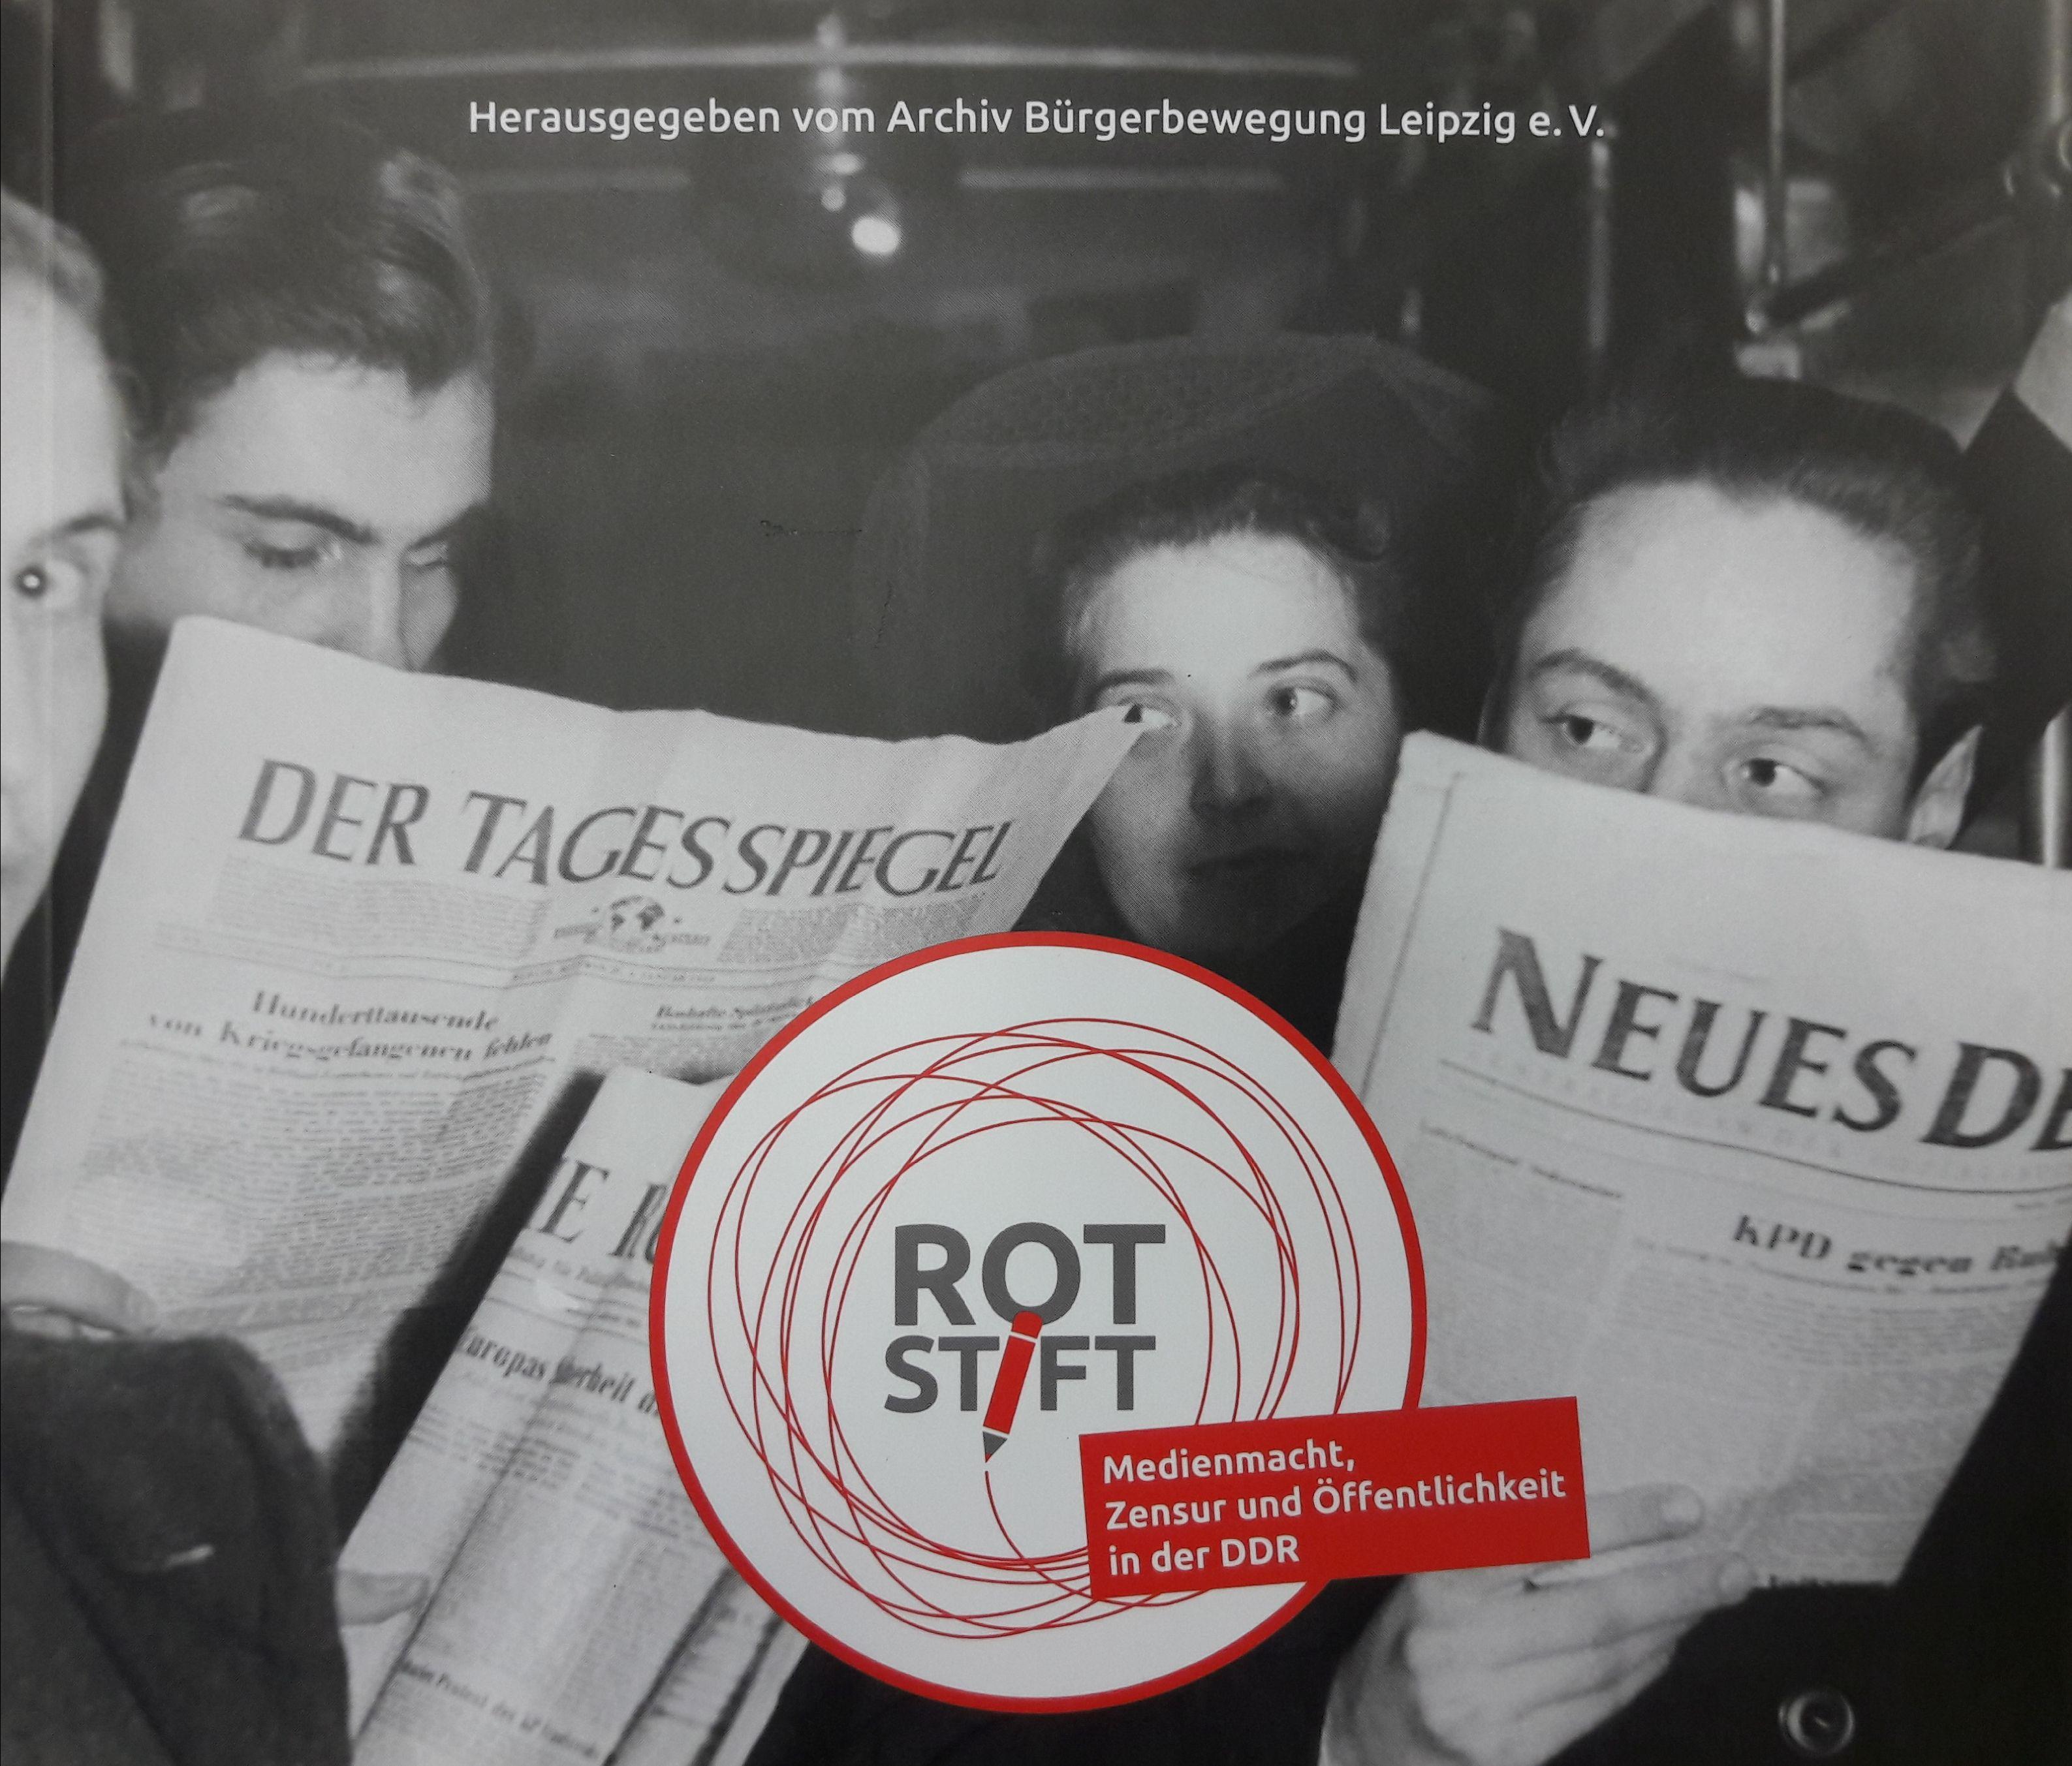 Cover der Publikation zur Ausstellung 'Rotstift. Medien, Zensur und Öffentlichkeit in der DDR'.